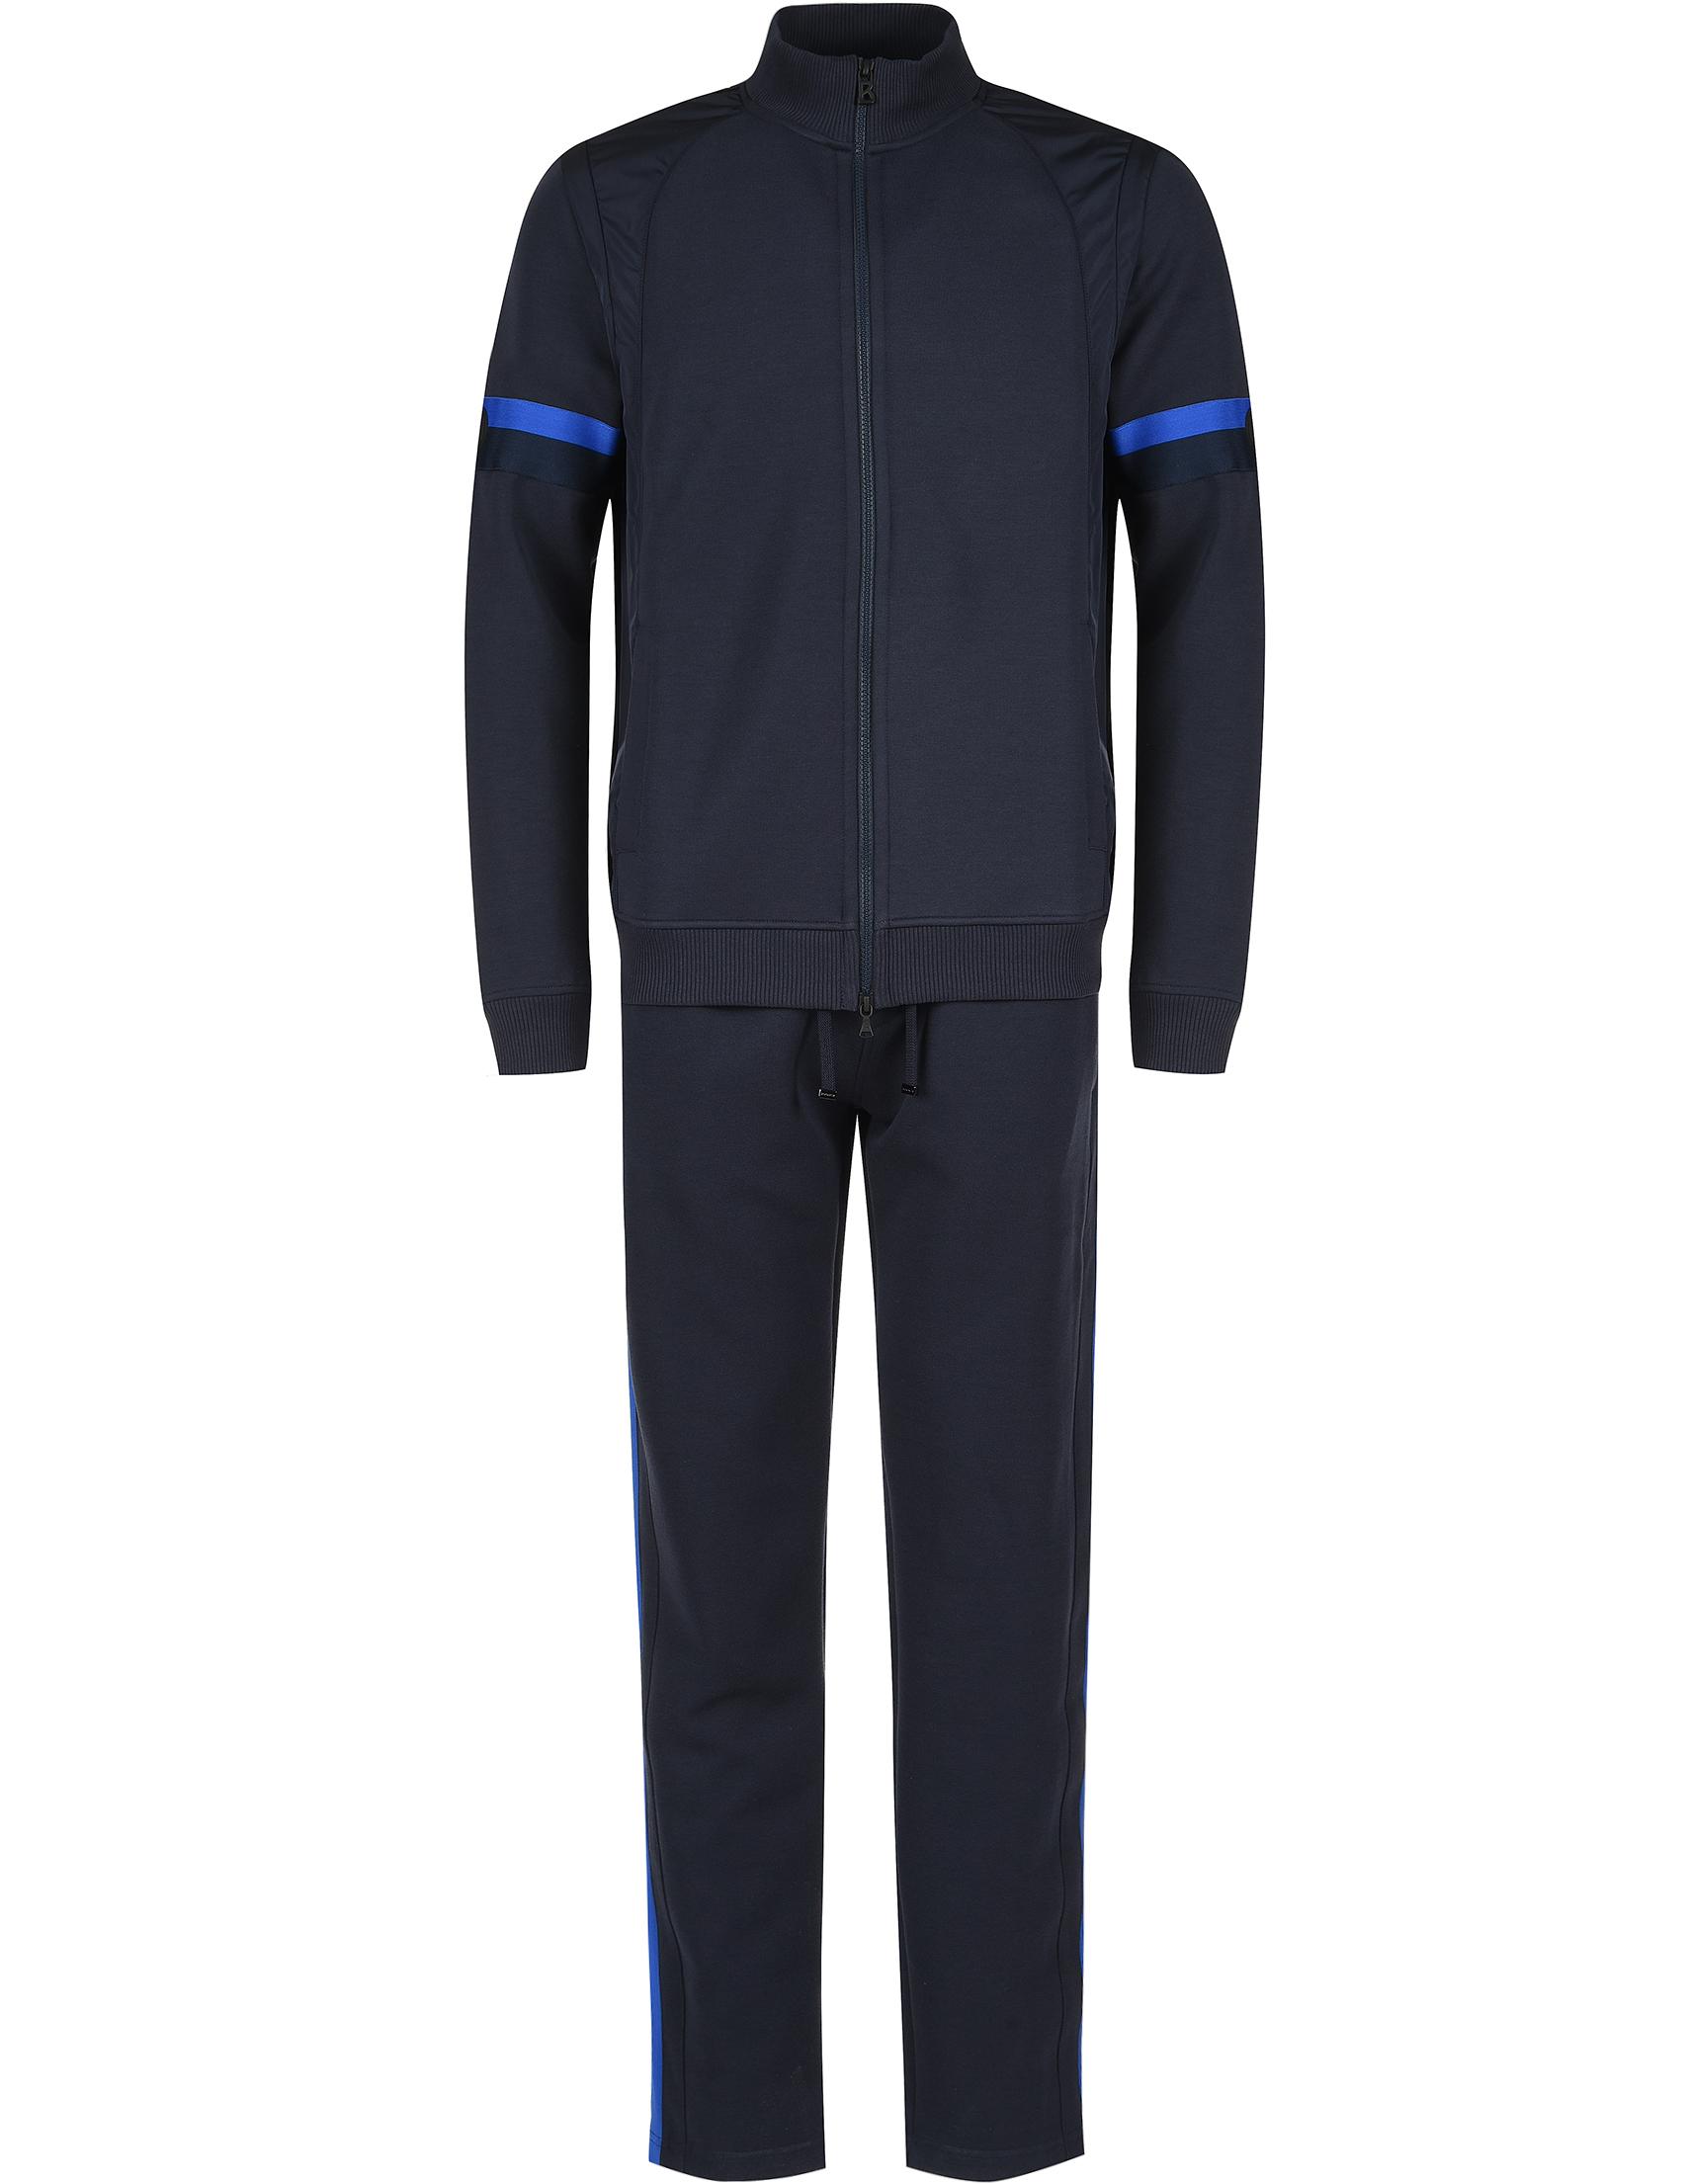 Купить Спортивный костюм, BOGNER, Синий, 69%Полиэстер 31%Хлопок;100%Полиэстер, Весна-Лето